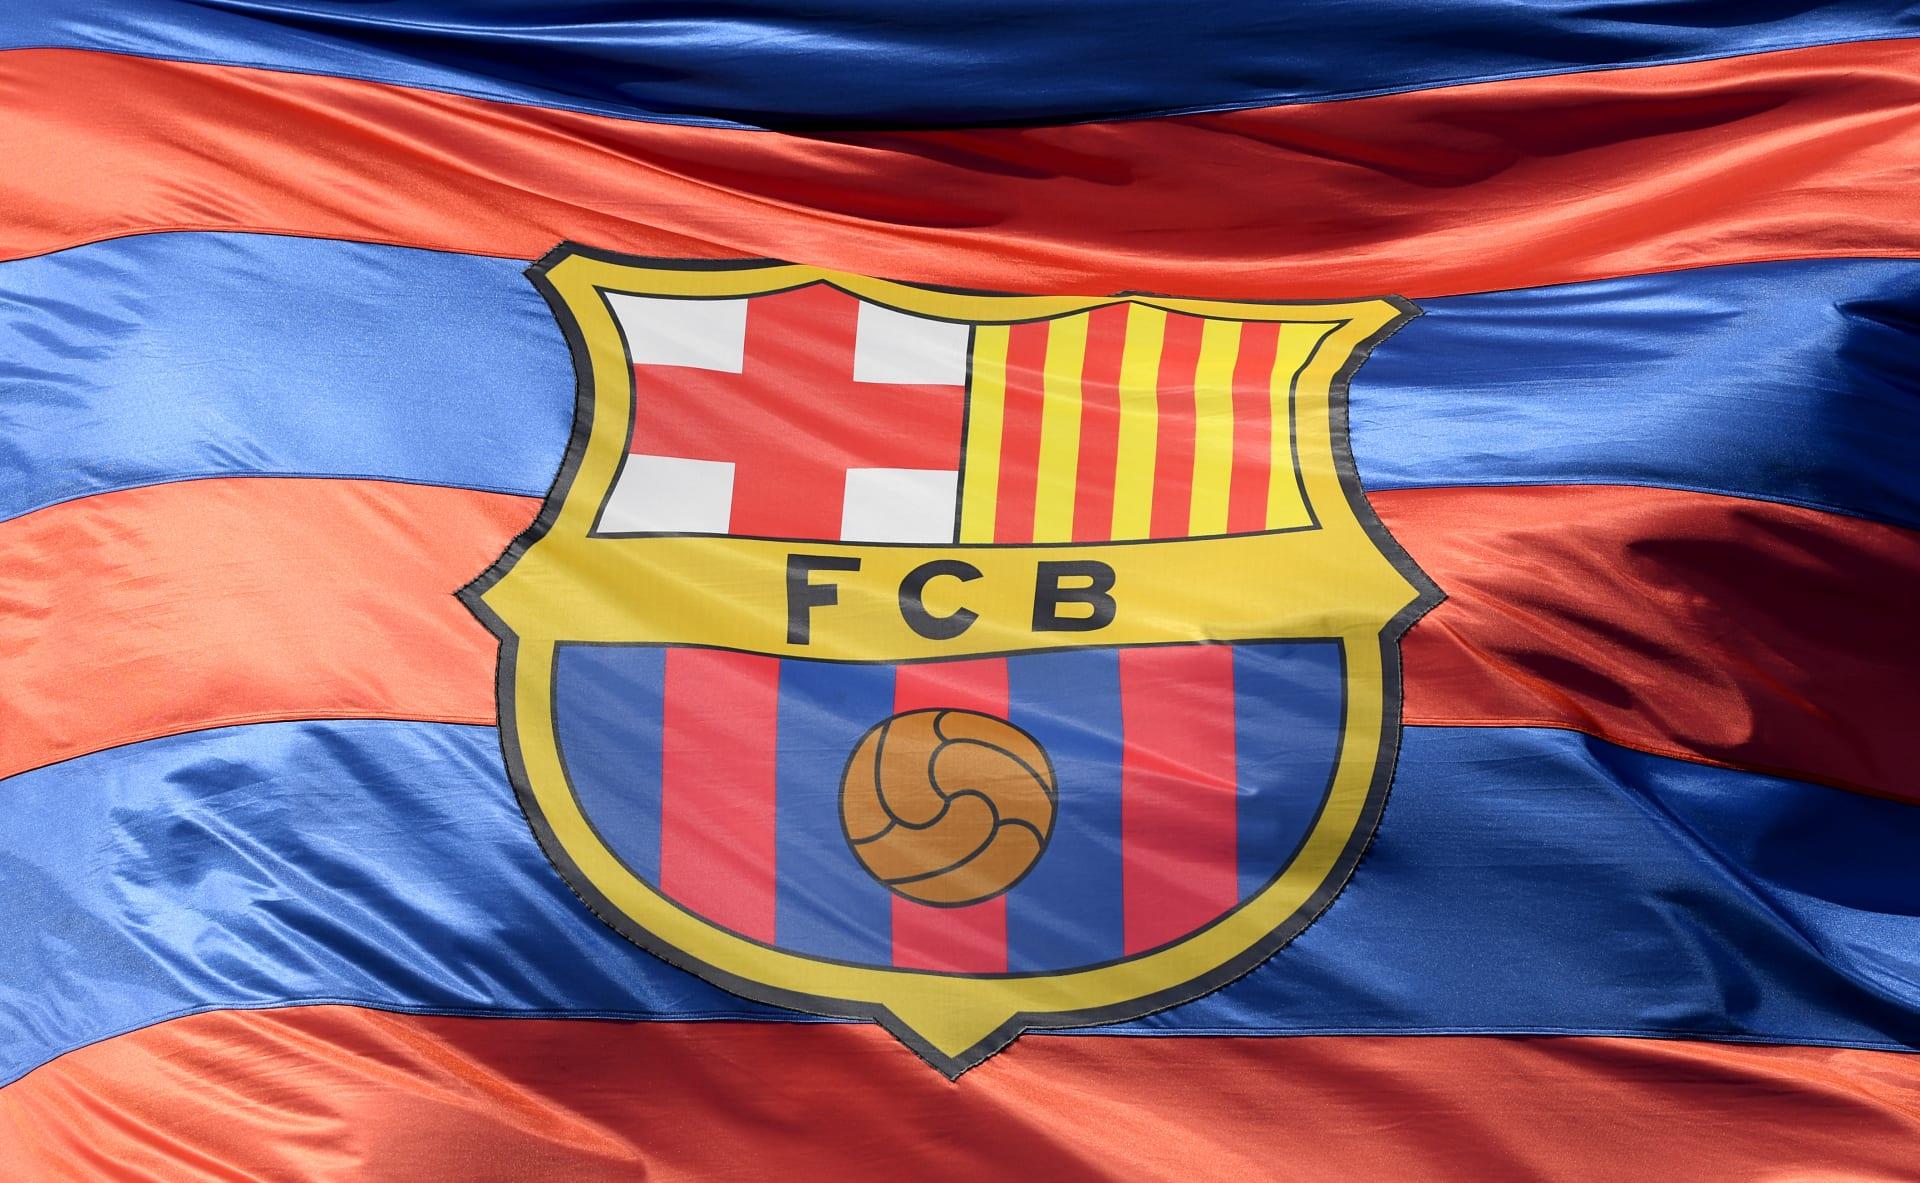 اختراق محتمل لحسابات برشلونة على تويتر.. ونشر تغريدات غريبة باللغة العربية